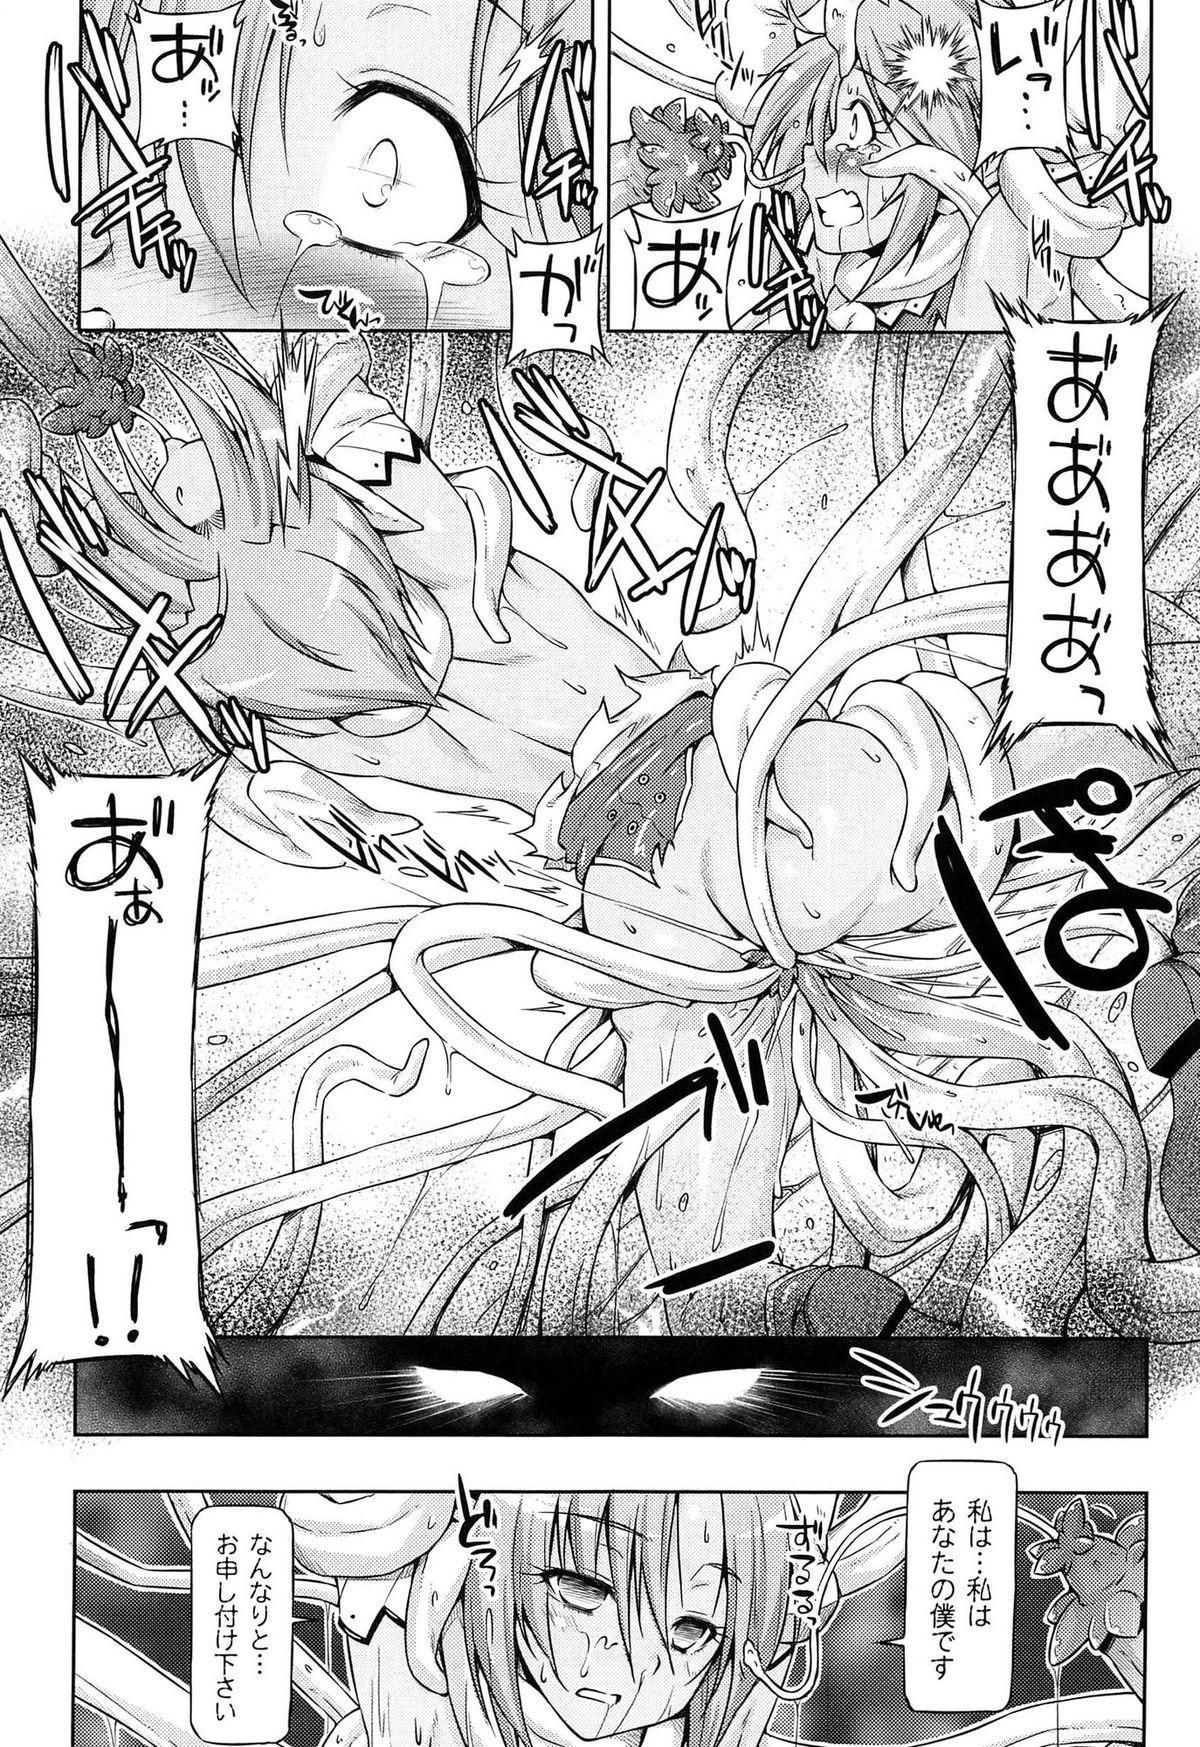 [kazuma muramasa, ZyX] Ikazuchi no Senshi Raidy ~Haja no Raikou~ THE COMIC 136